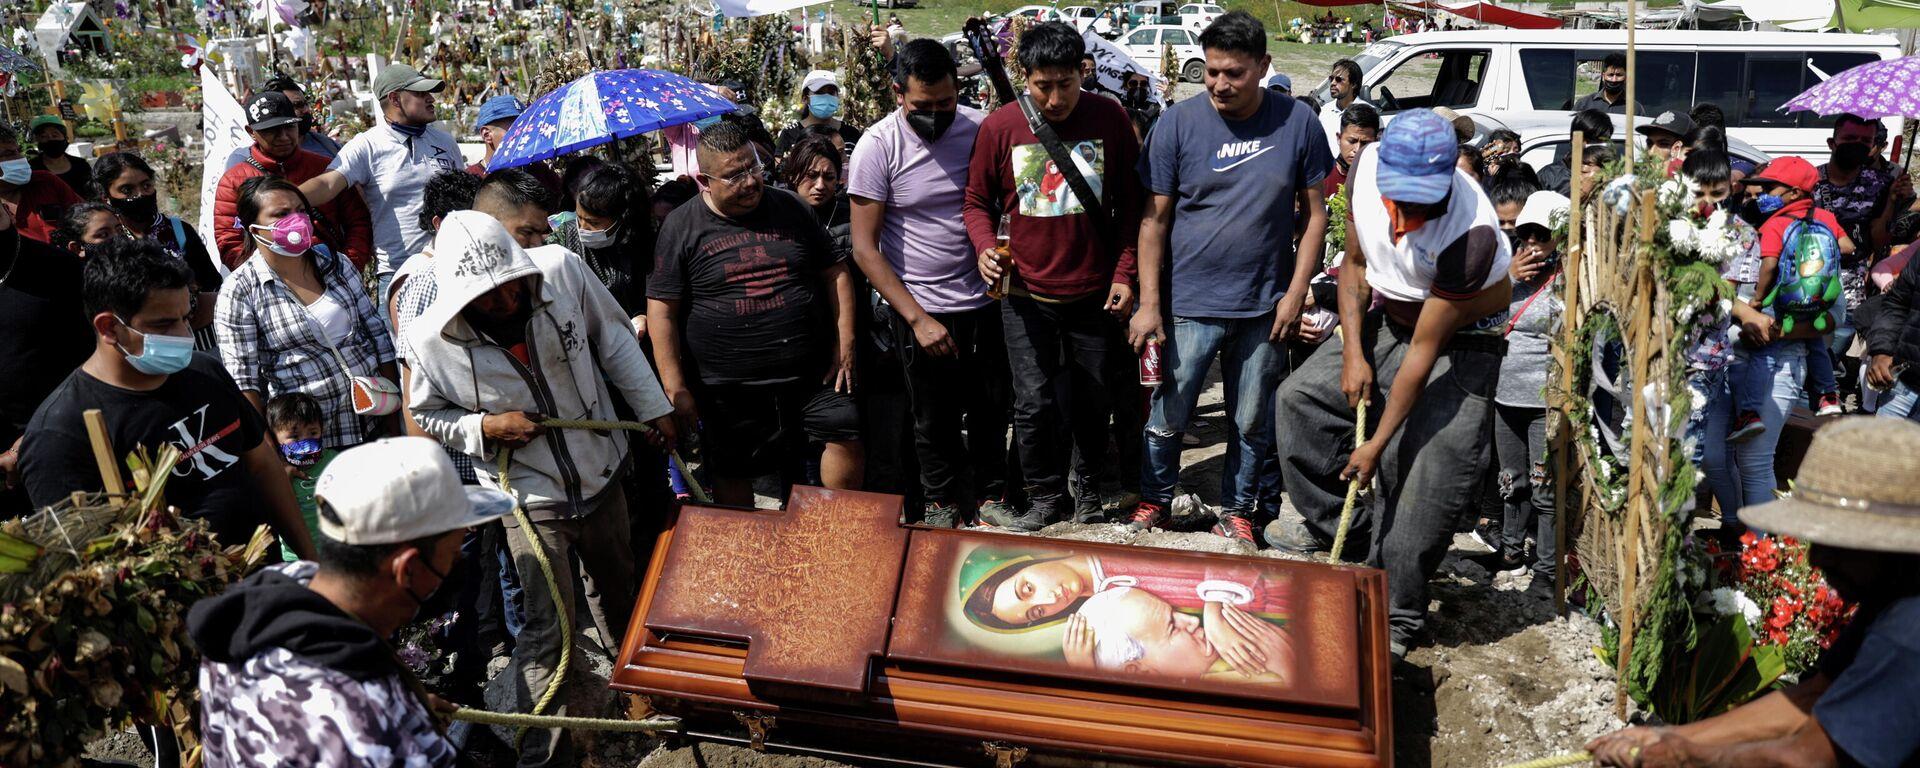 Un funeral en el cementerio de Xico en Valle de Chalco, México, el 16 de septiembre de 2021 - Sputnik Mundo, 1920, 06.10.2021